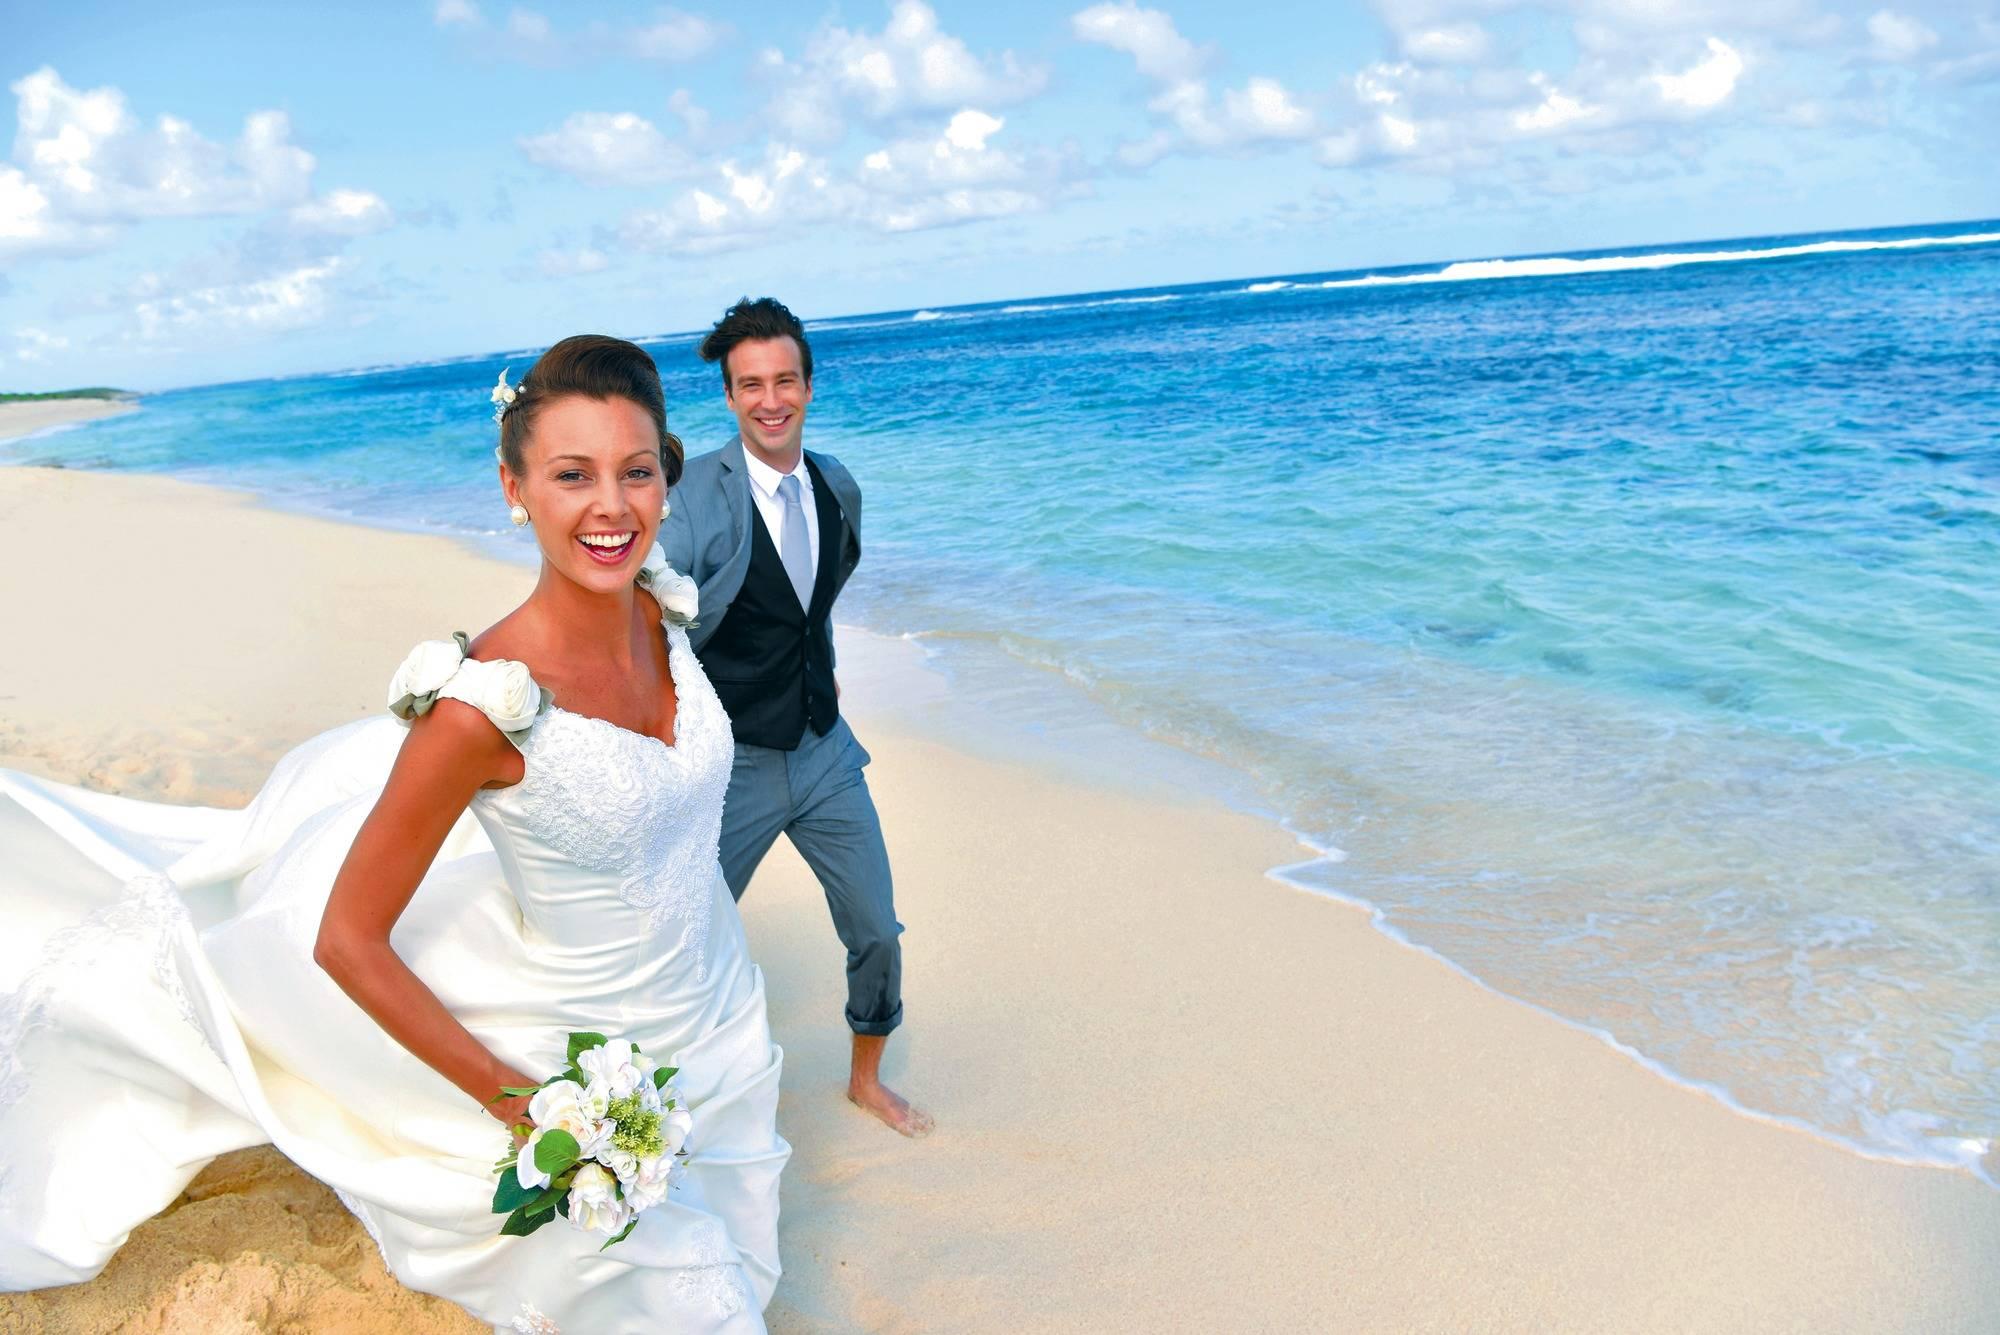 Nach der Hochzeit: Mit Brautkleid in den Pool - Lebensart - Rhein ...